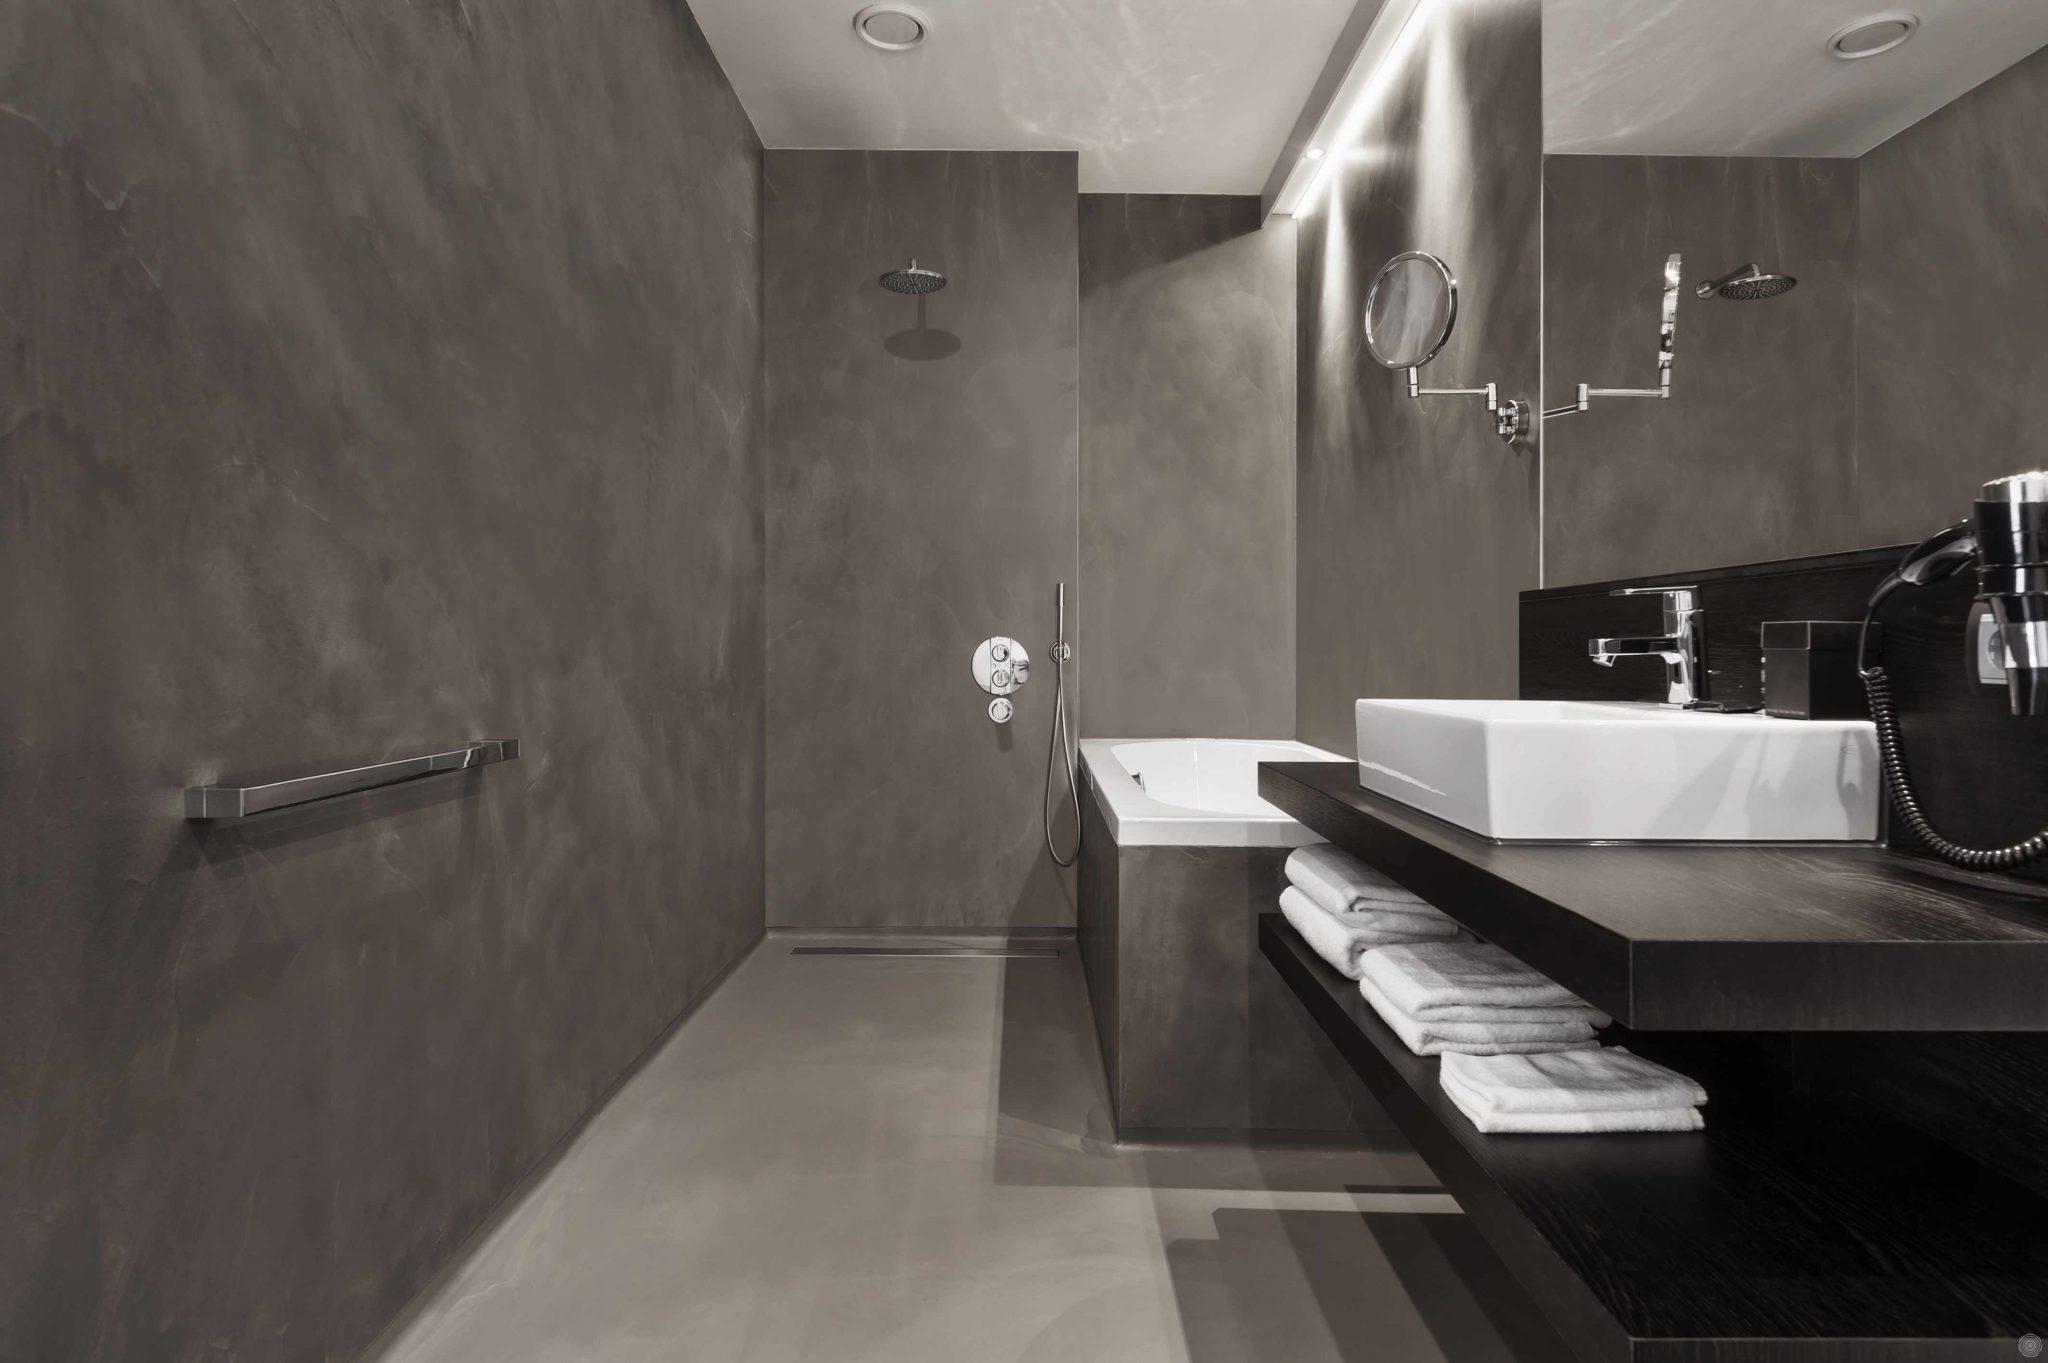 LEEF-beton gietvloeren - Badmeesters